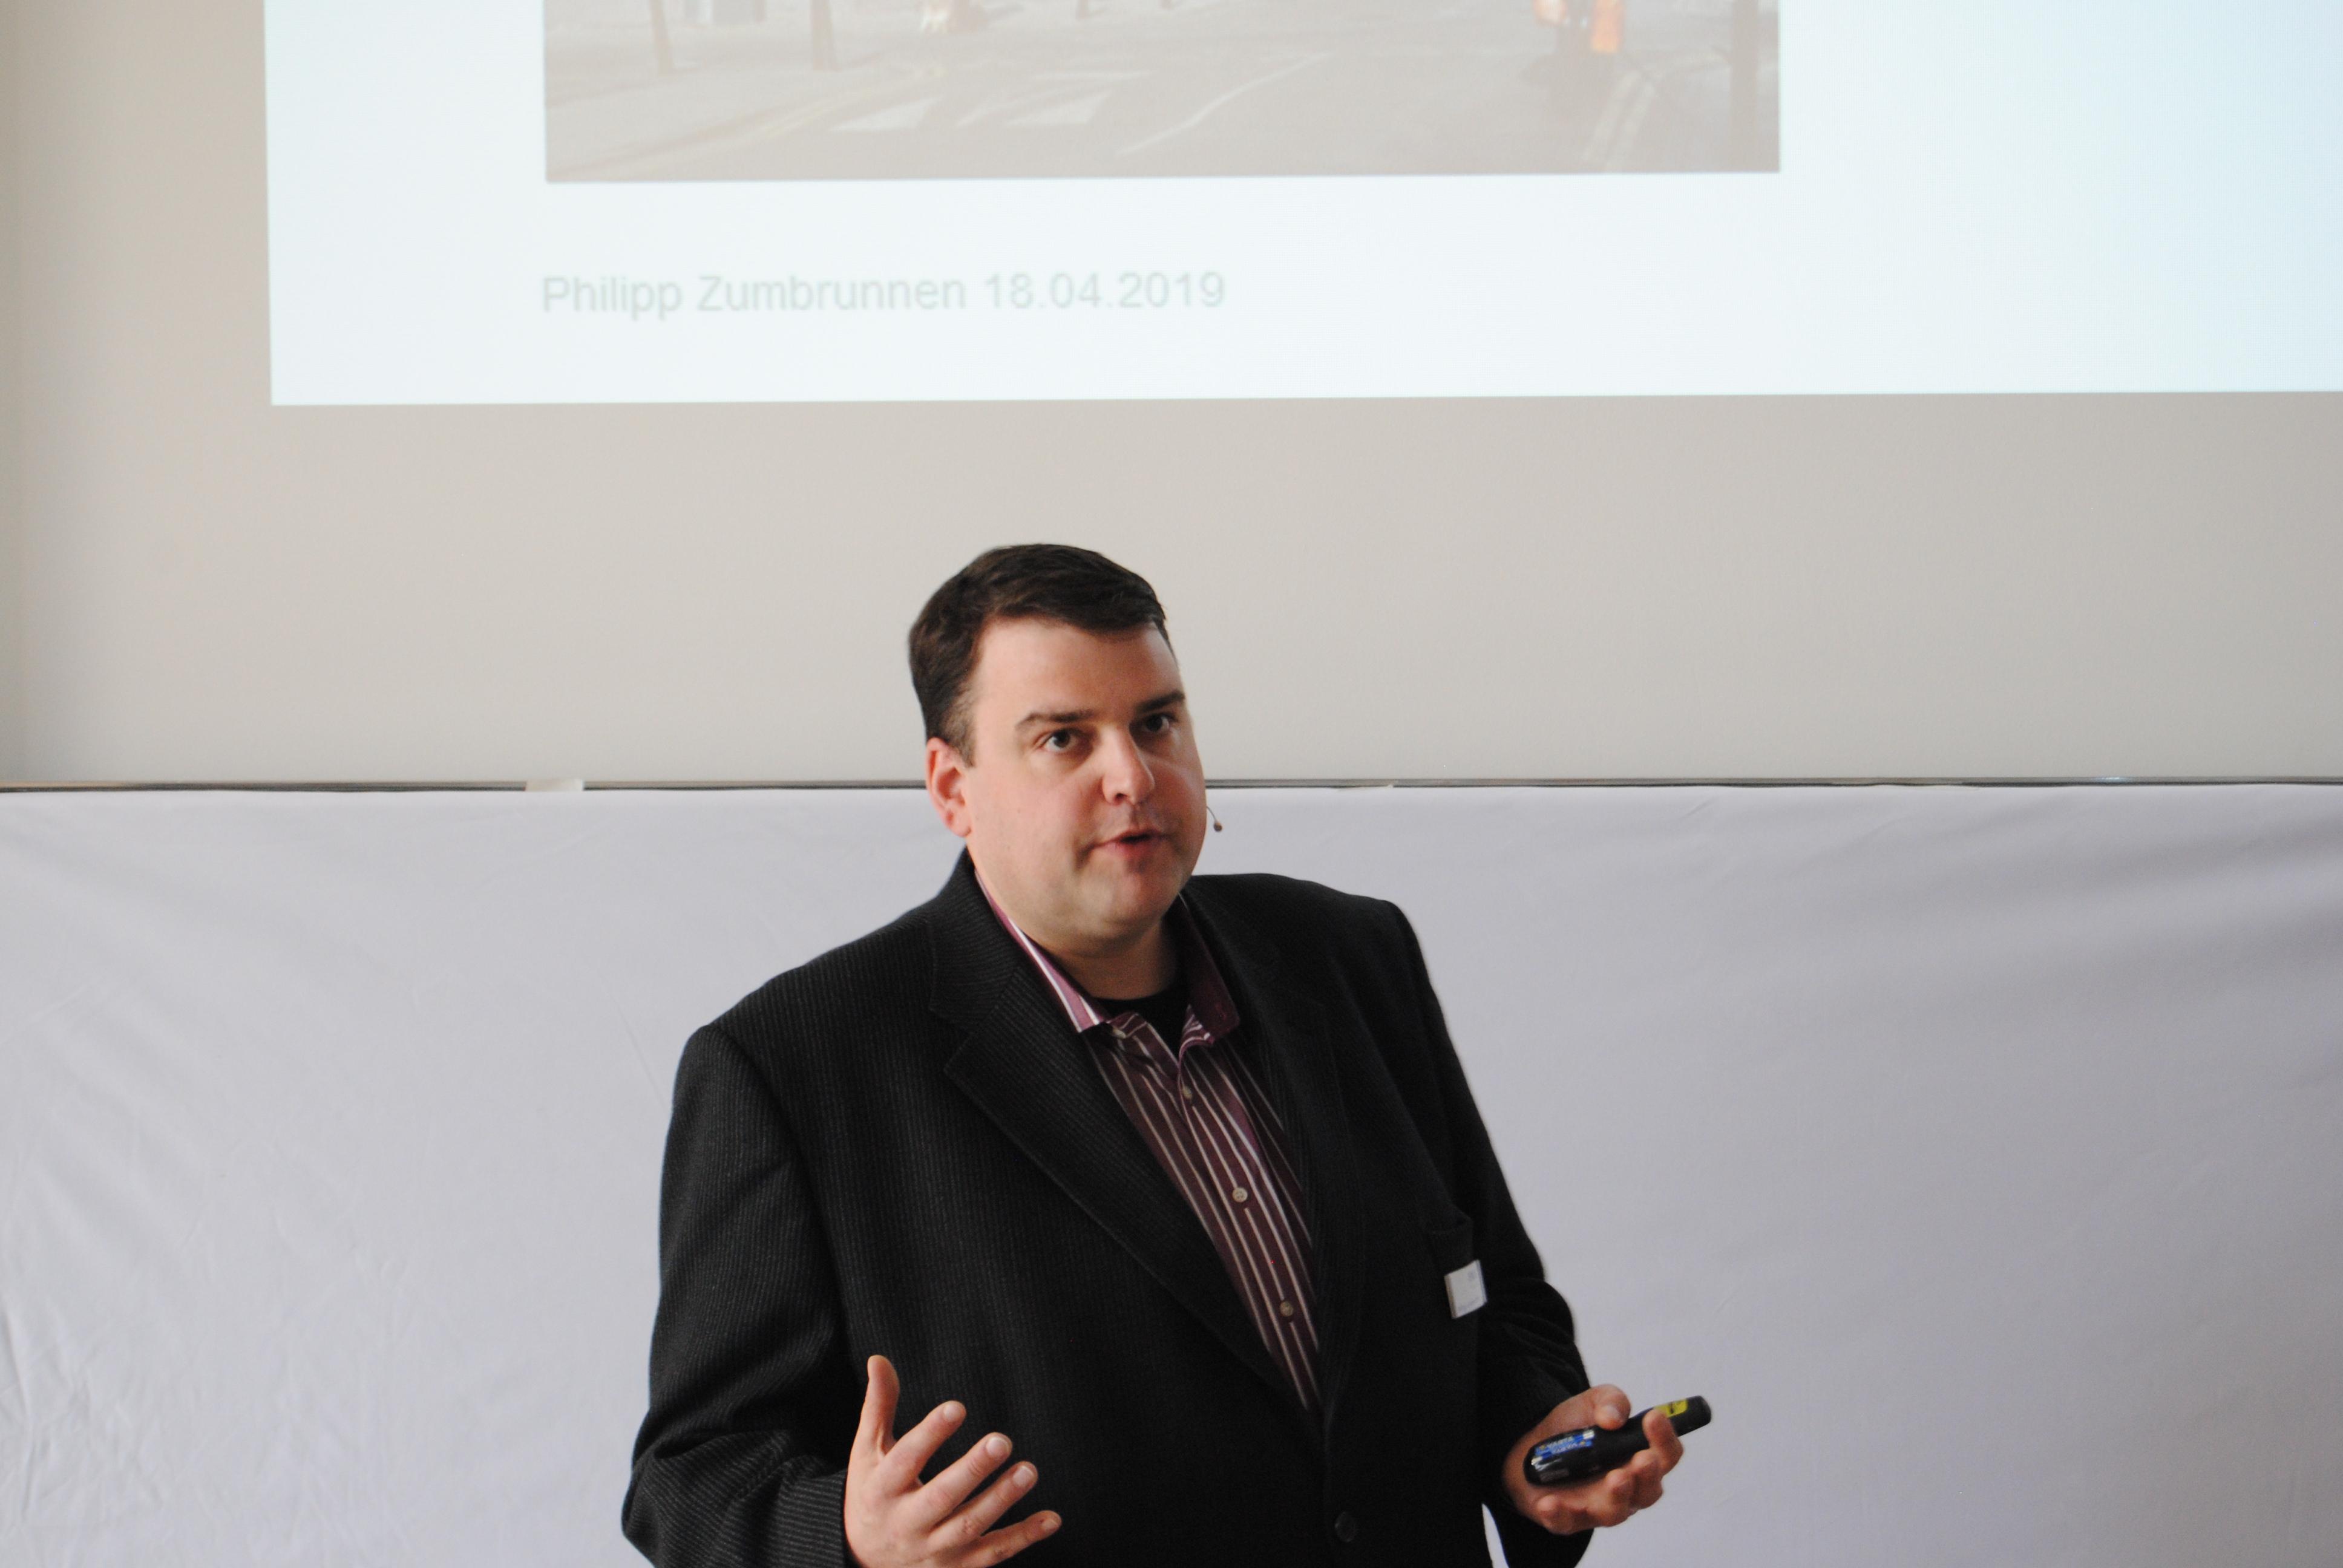 Erlus Forum, Philipp Zumbrunnen, Digitalisierung im internationalen Holzbau